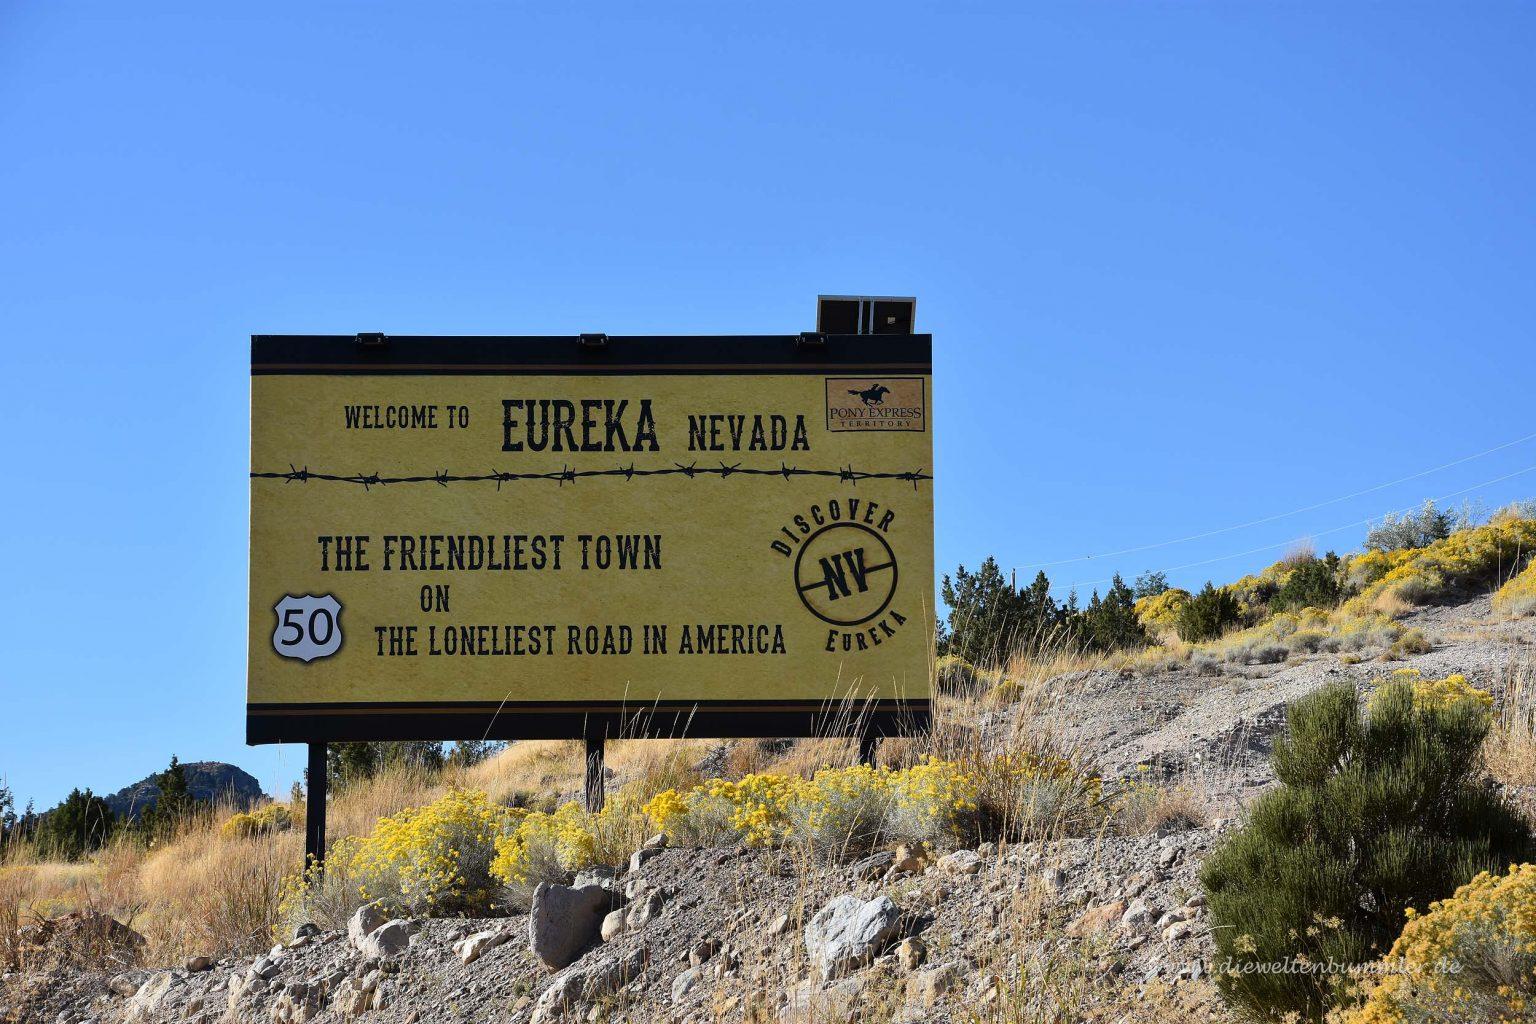 Eureka liegt auch am Highway 50